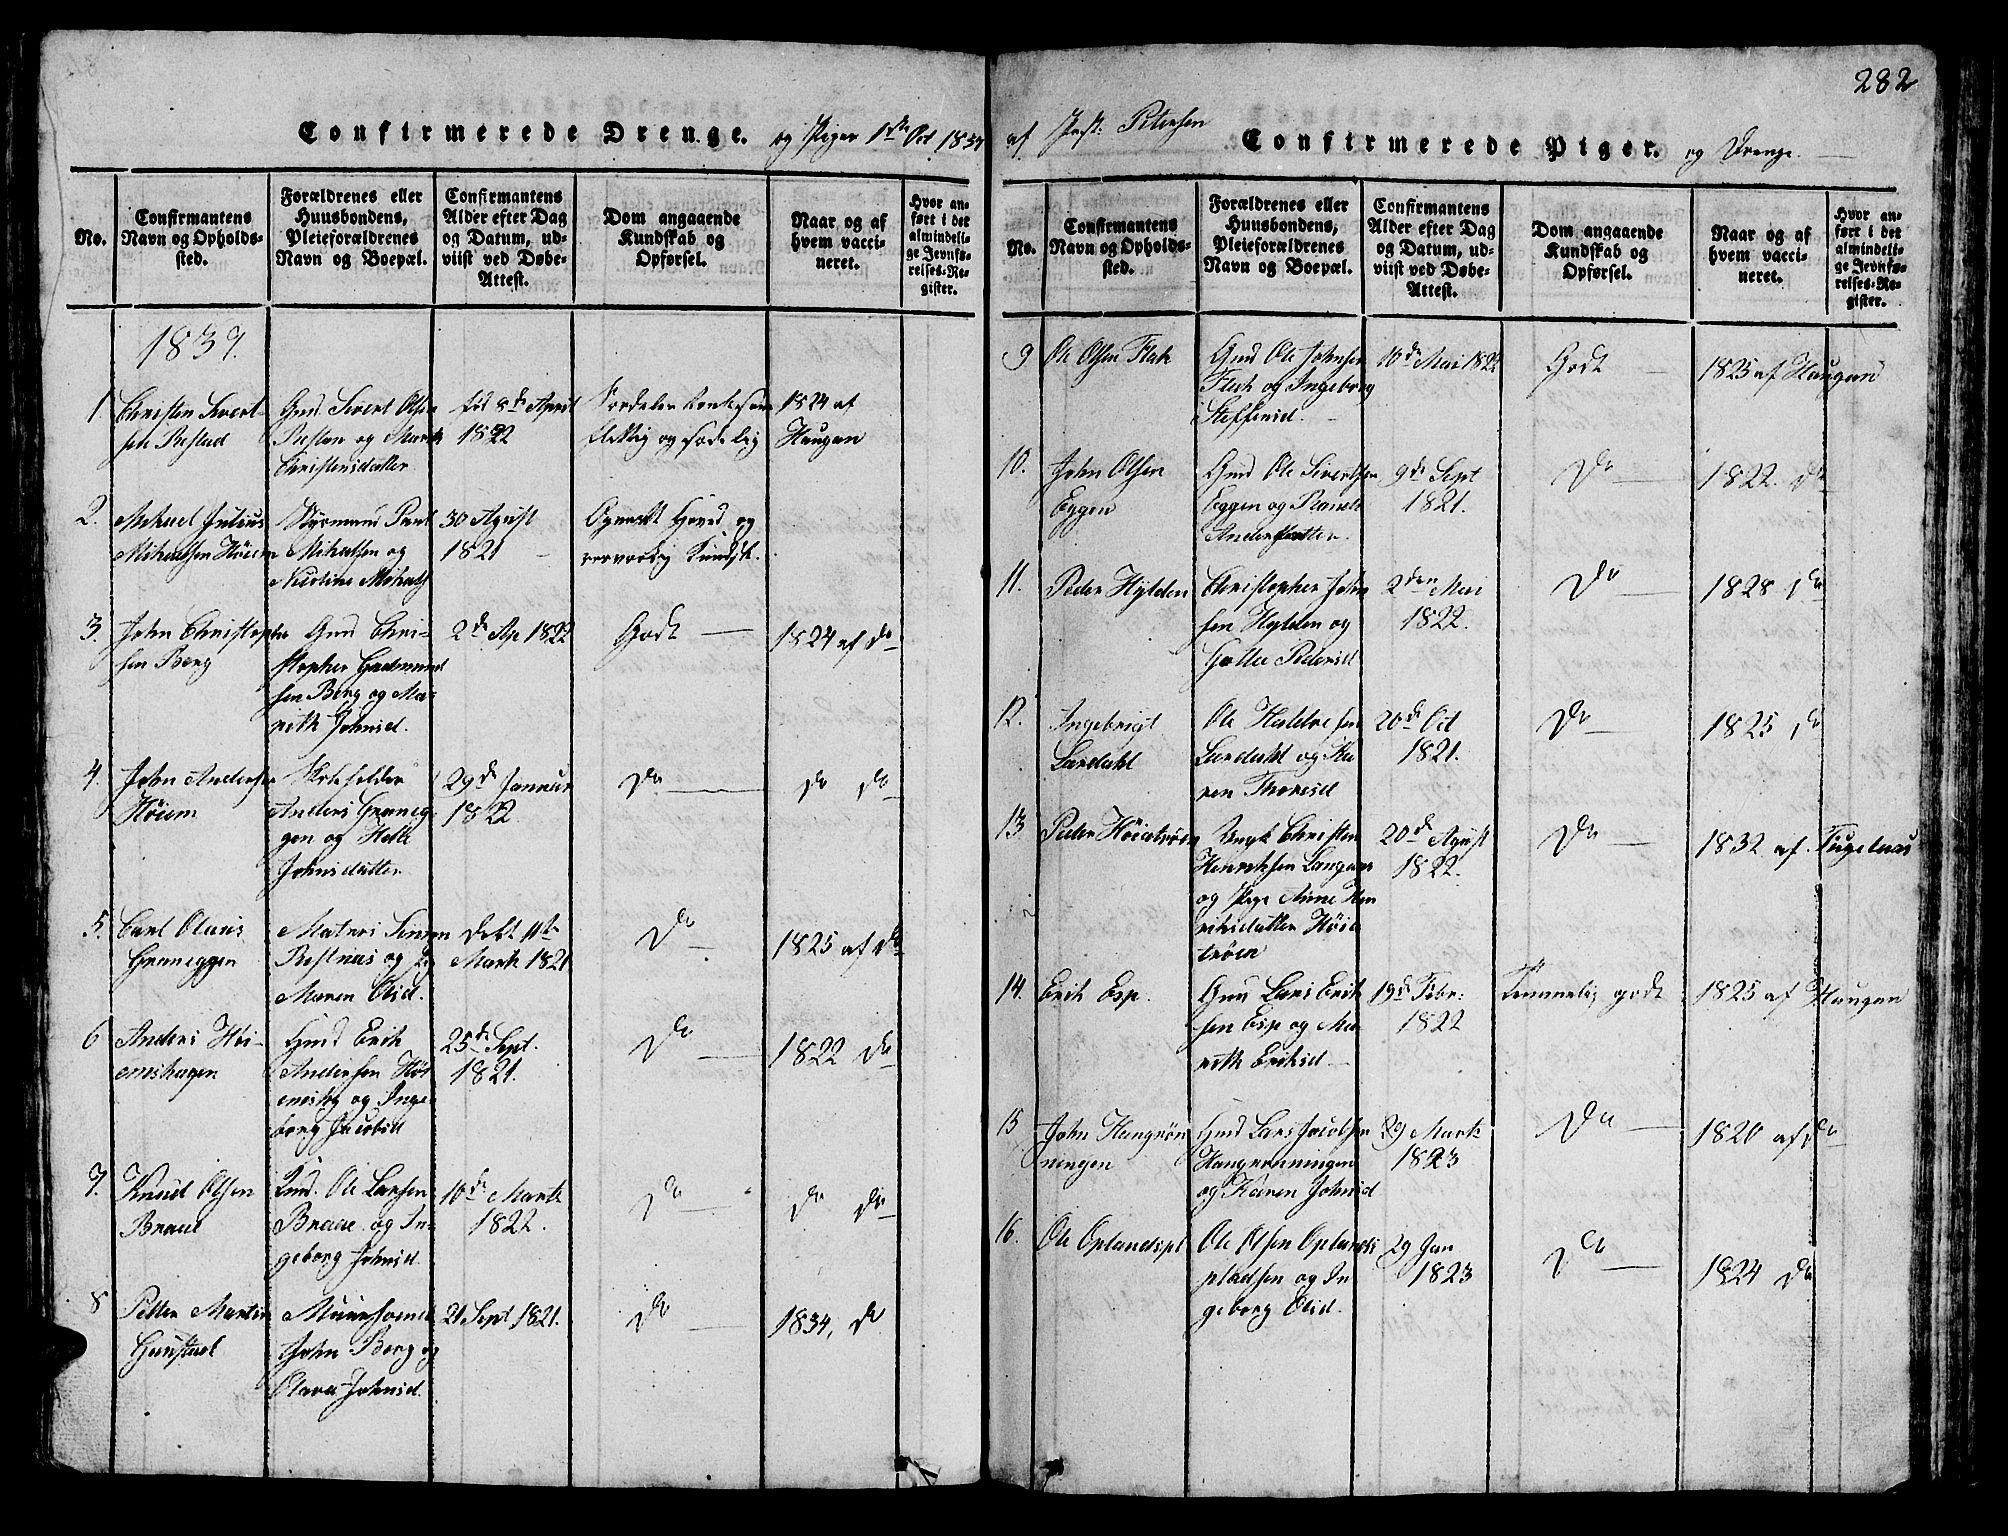 SAT, Ministerialprotokoller, klokkerbøker og fødselsregistre - Sør-Trøndelag, 612/L0385: Klokkerbok nr. 612C01, 1816-1845, s. 282